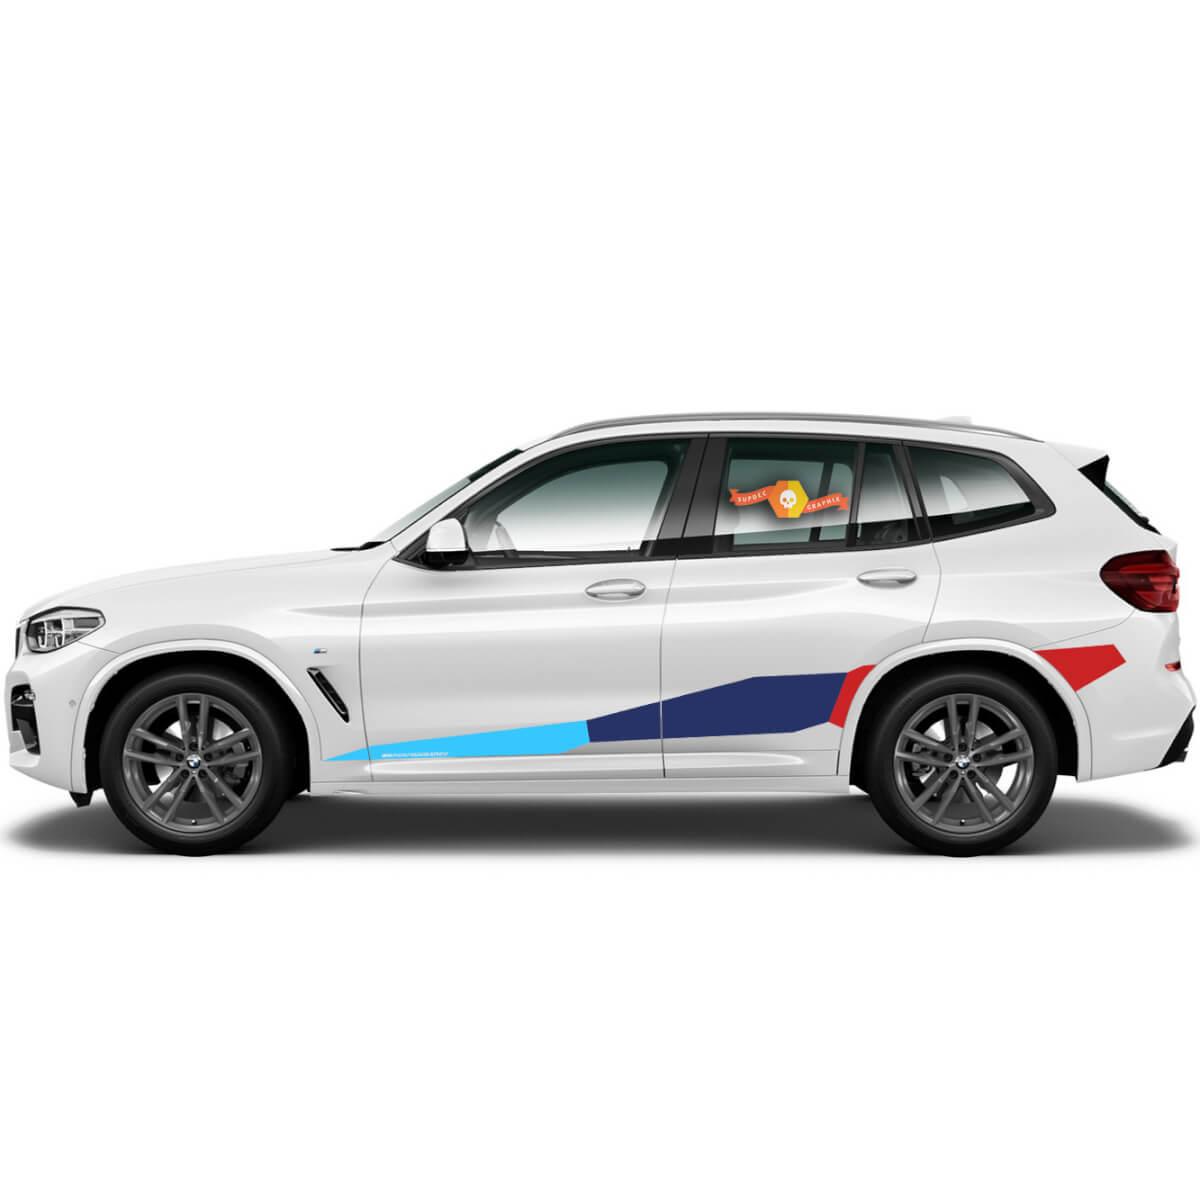 BMW M Power M Performance Riesenseite Neue Vinyl-Aufkleber für BMW G05 G06 X5 X6 Serie X5M X6M F95 F96